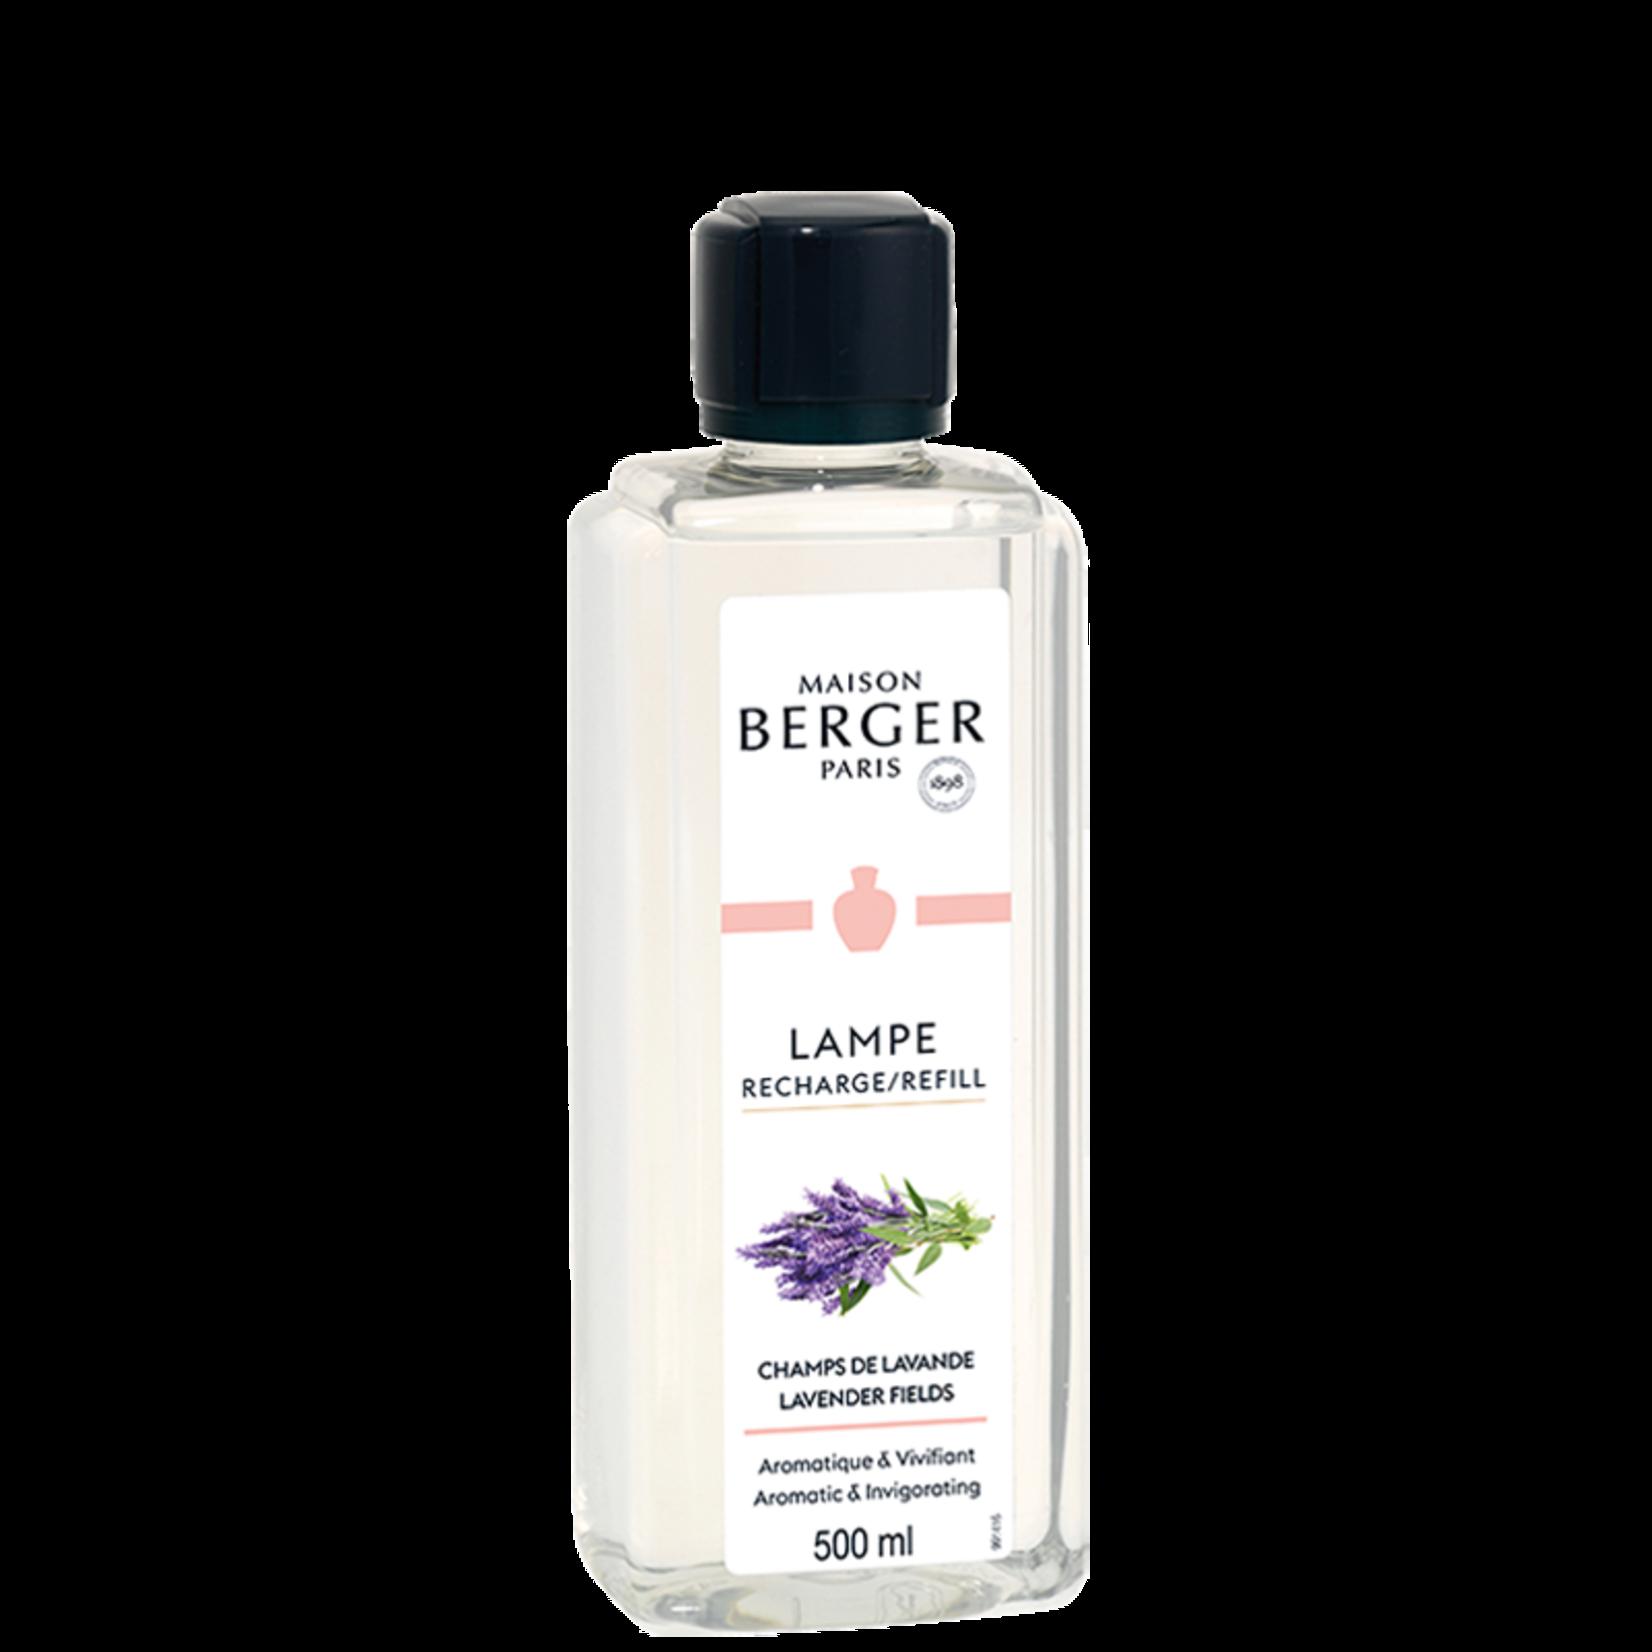 Maison B. Lavender Fields Lamp Fragrance 500ml